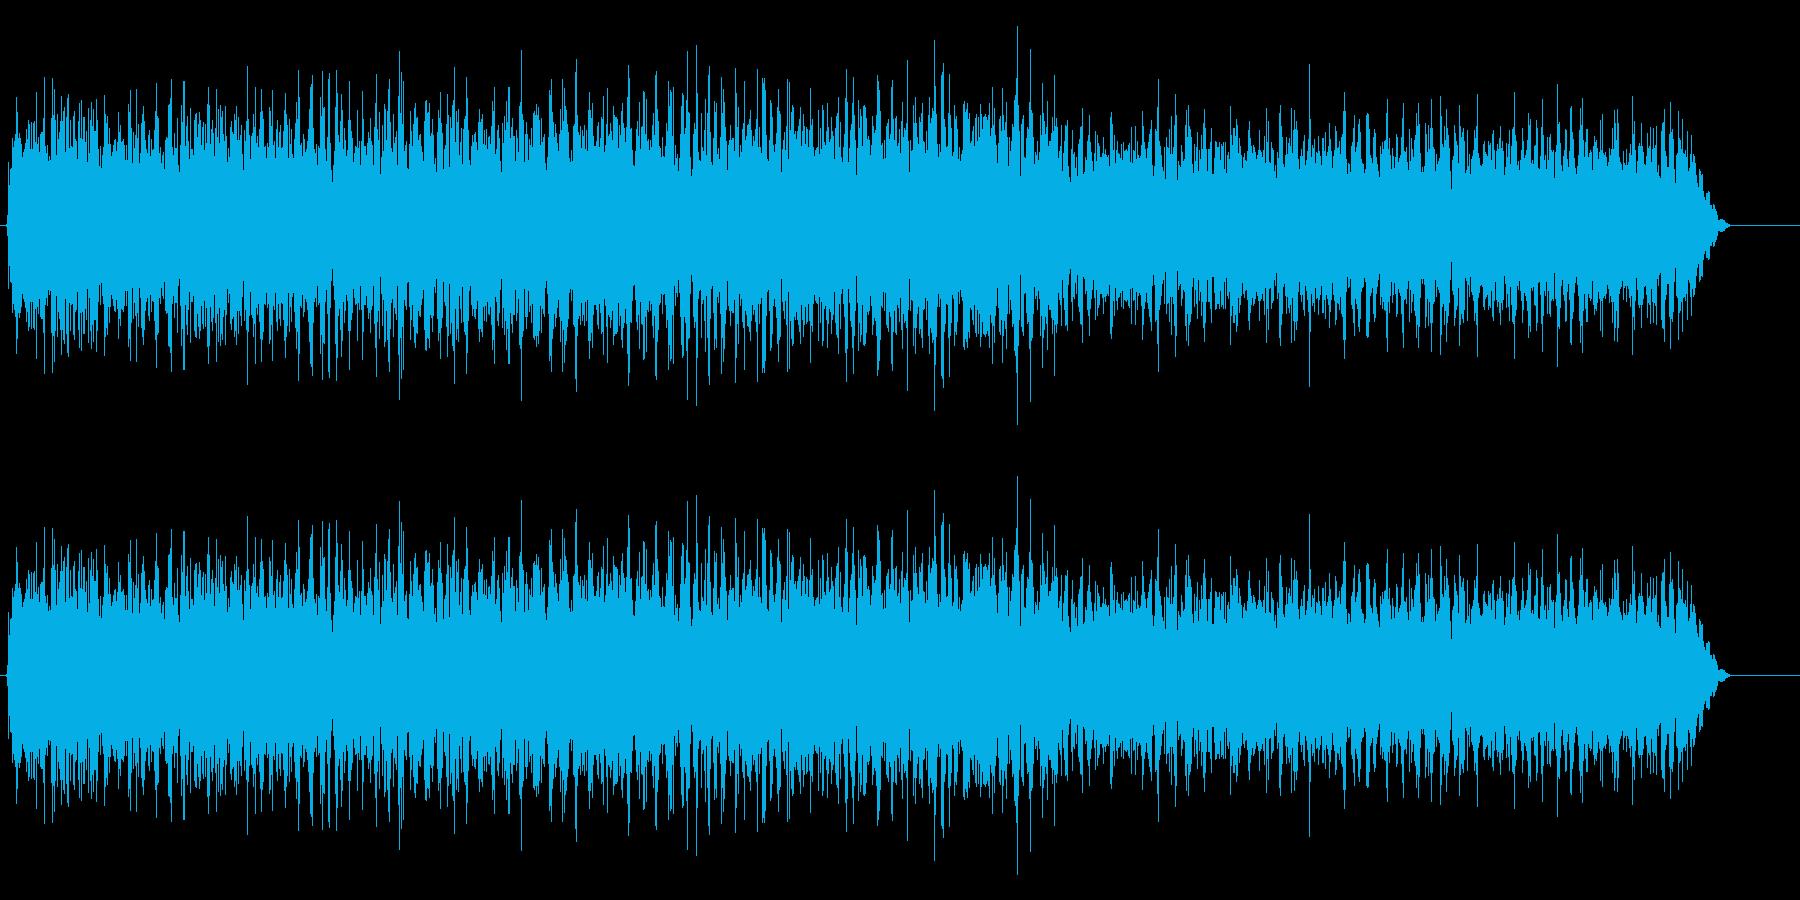 田んぼの中のカエルの鳴き声の再生済みの波形